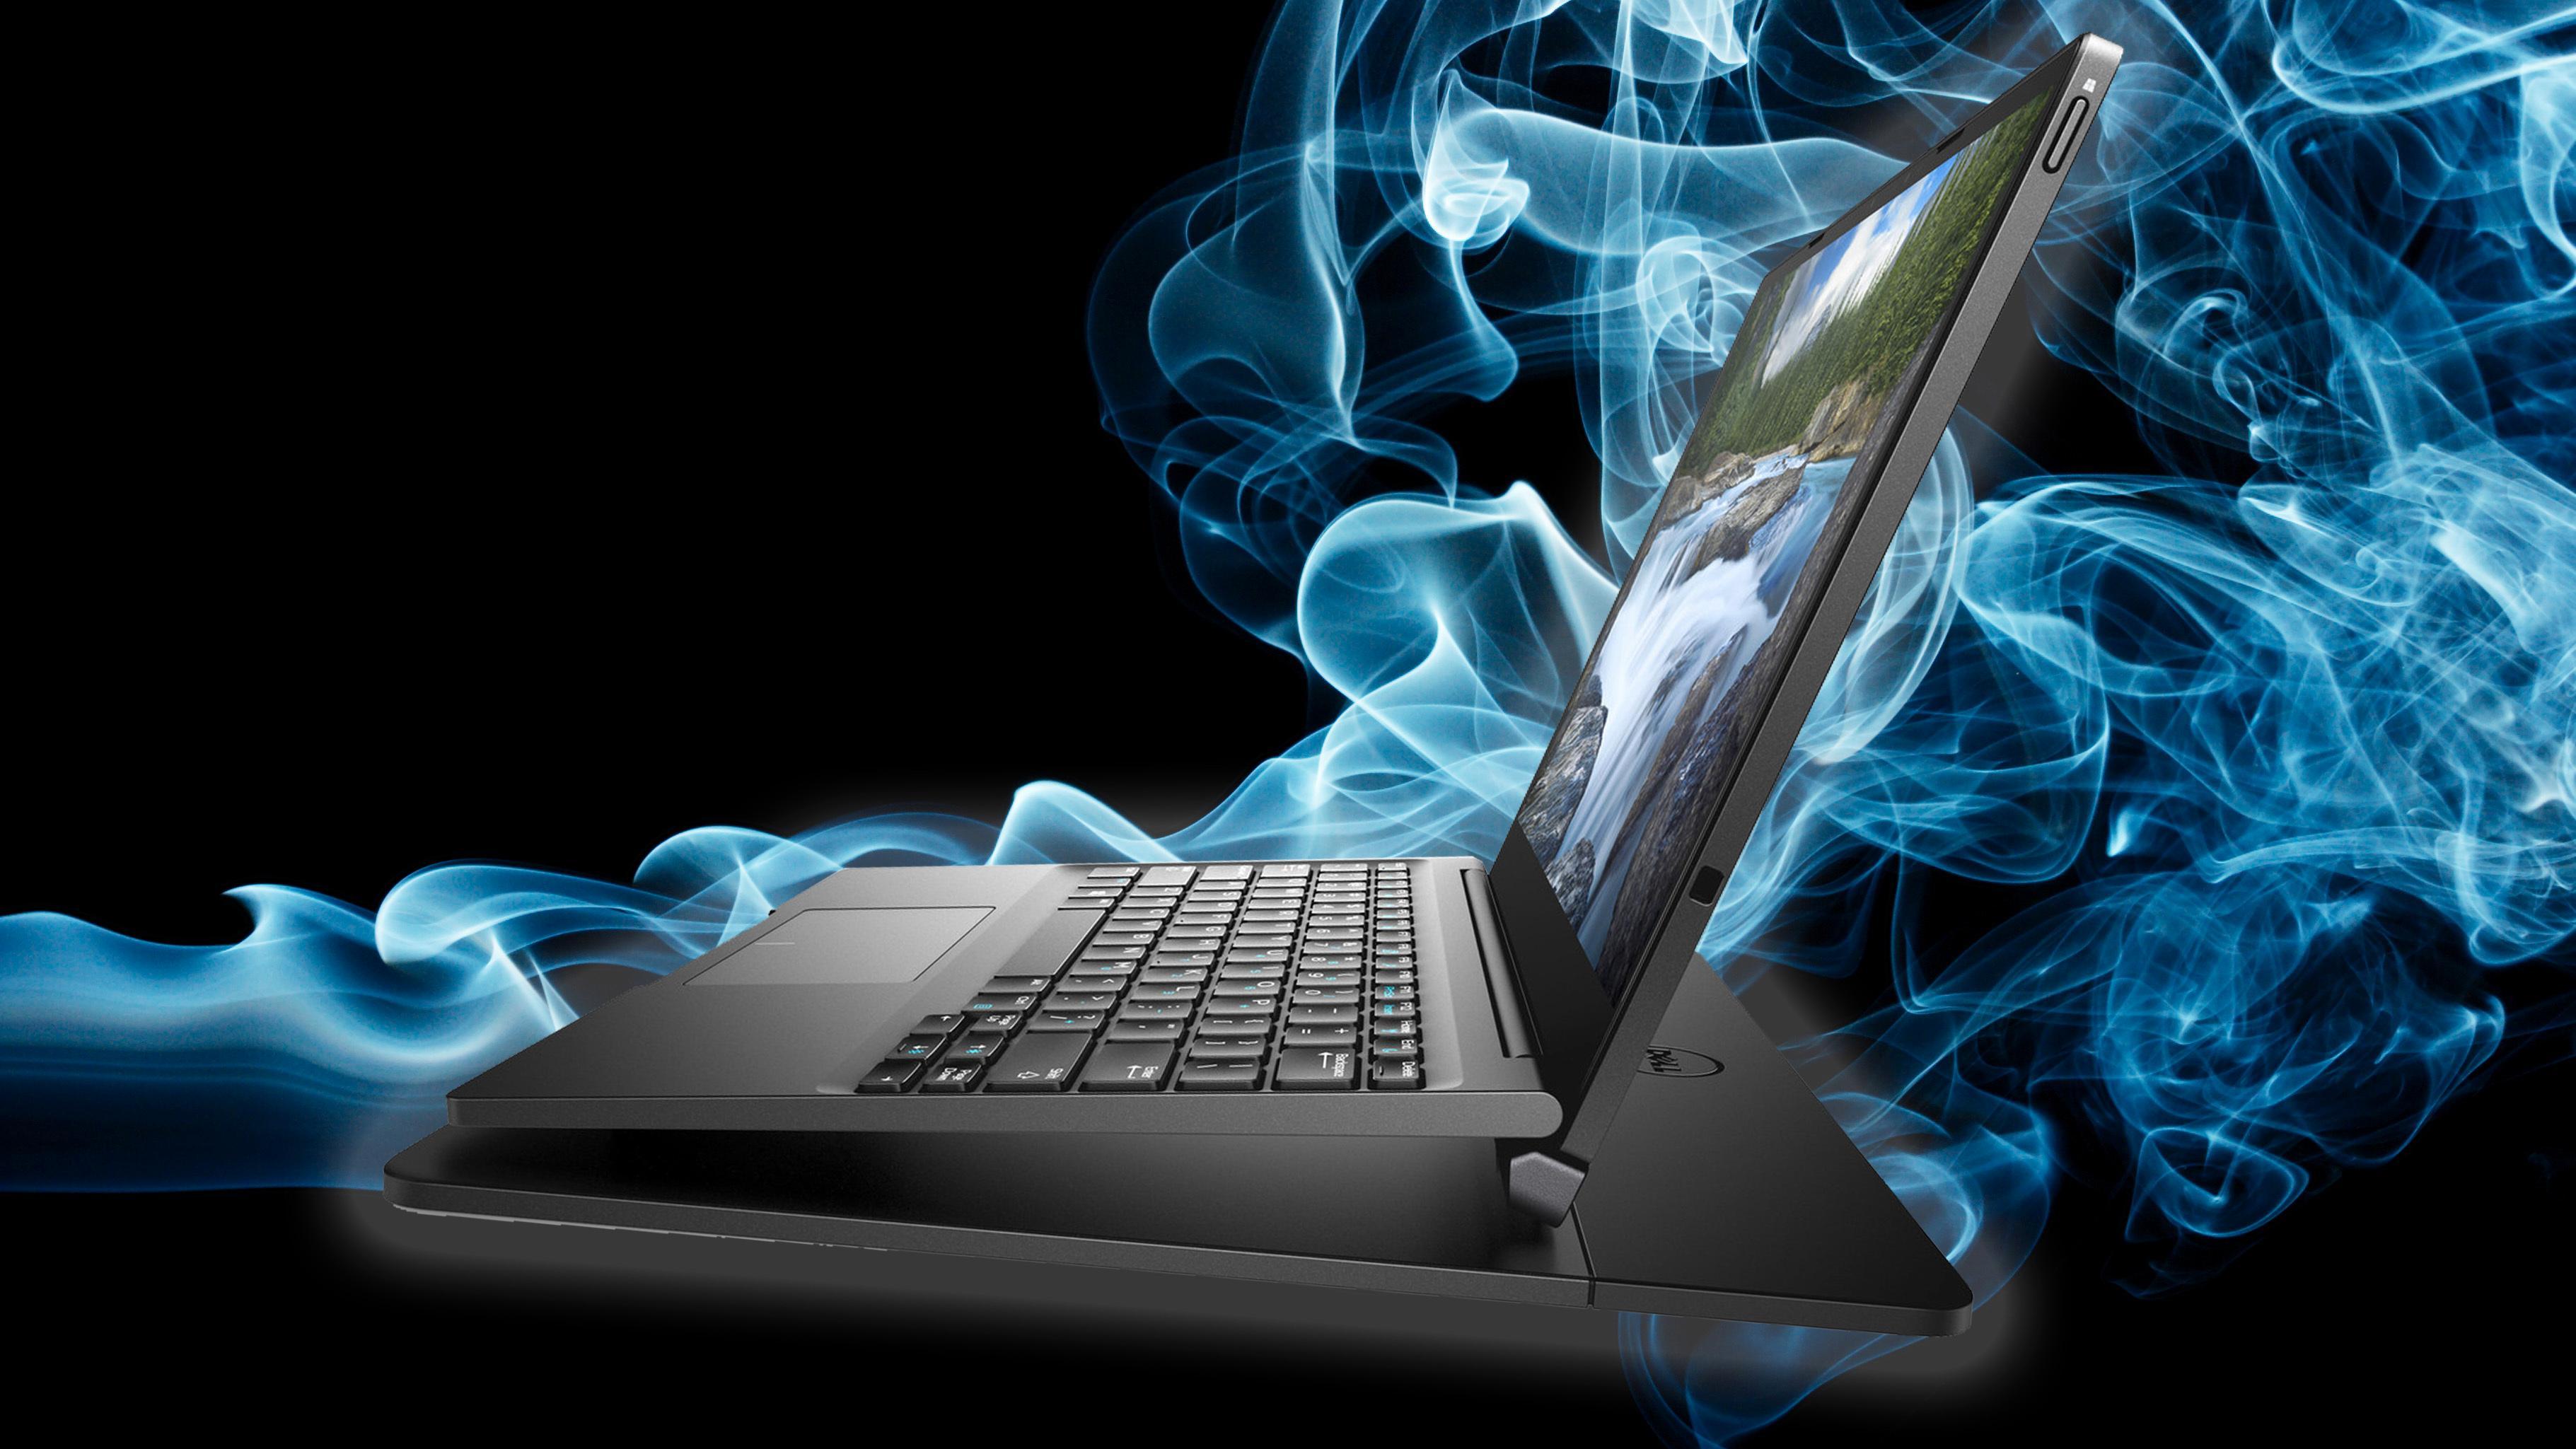 Dells nye laptop har en funksjon ingen andre har